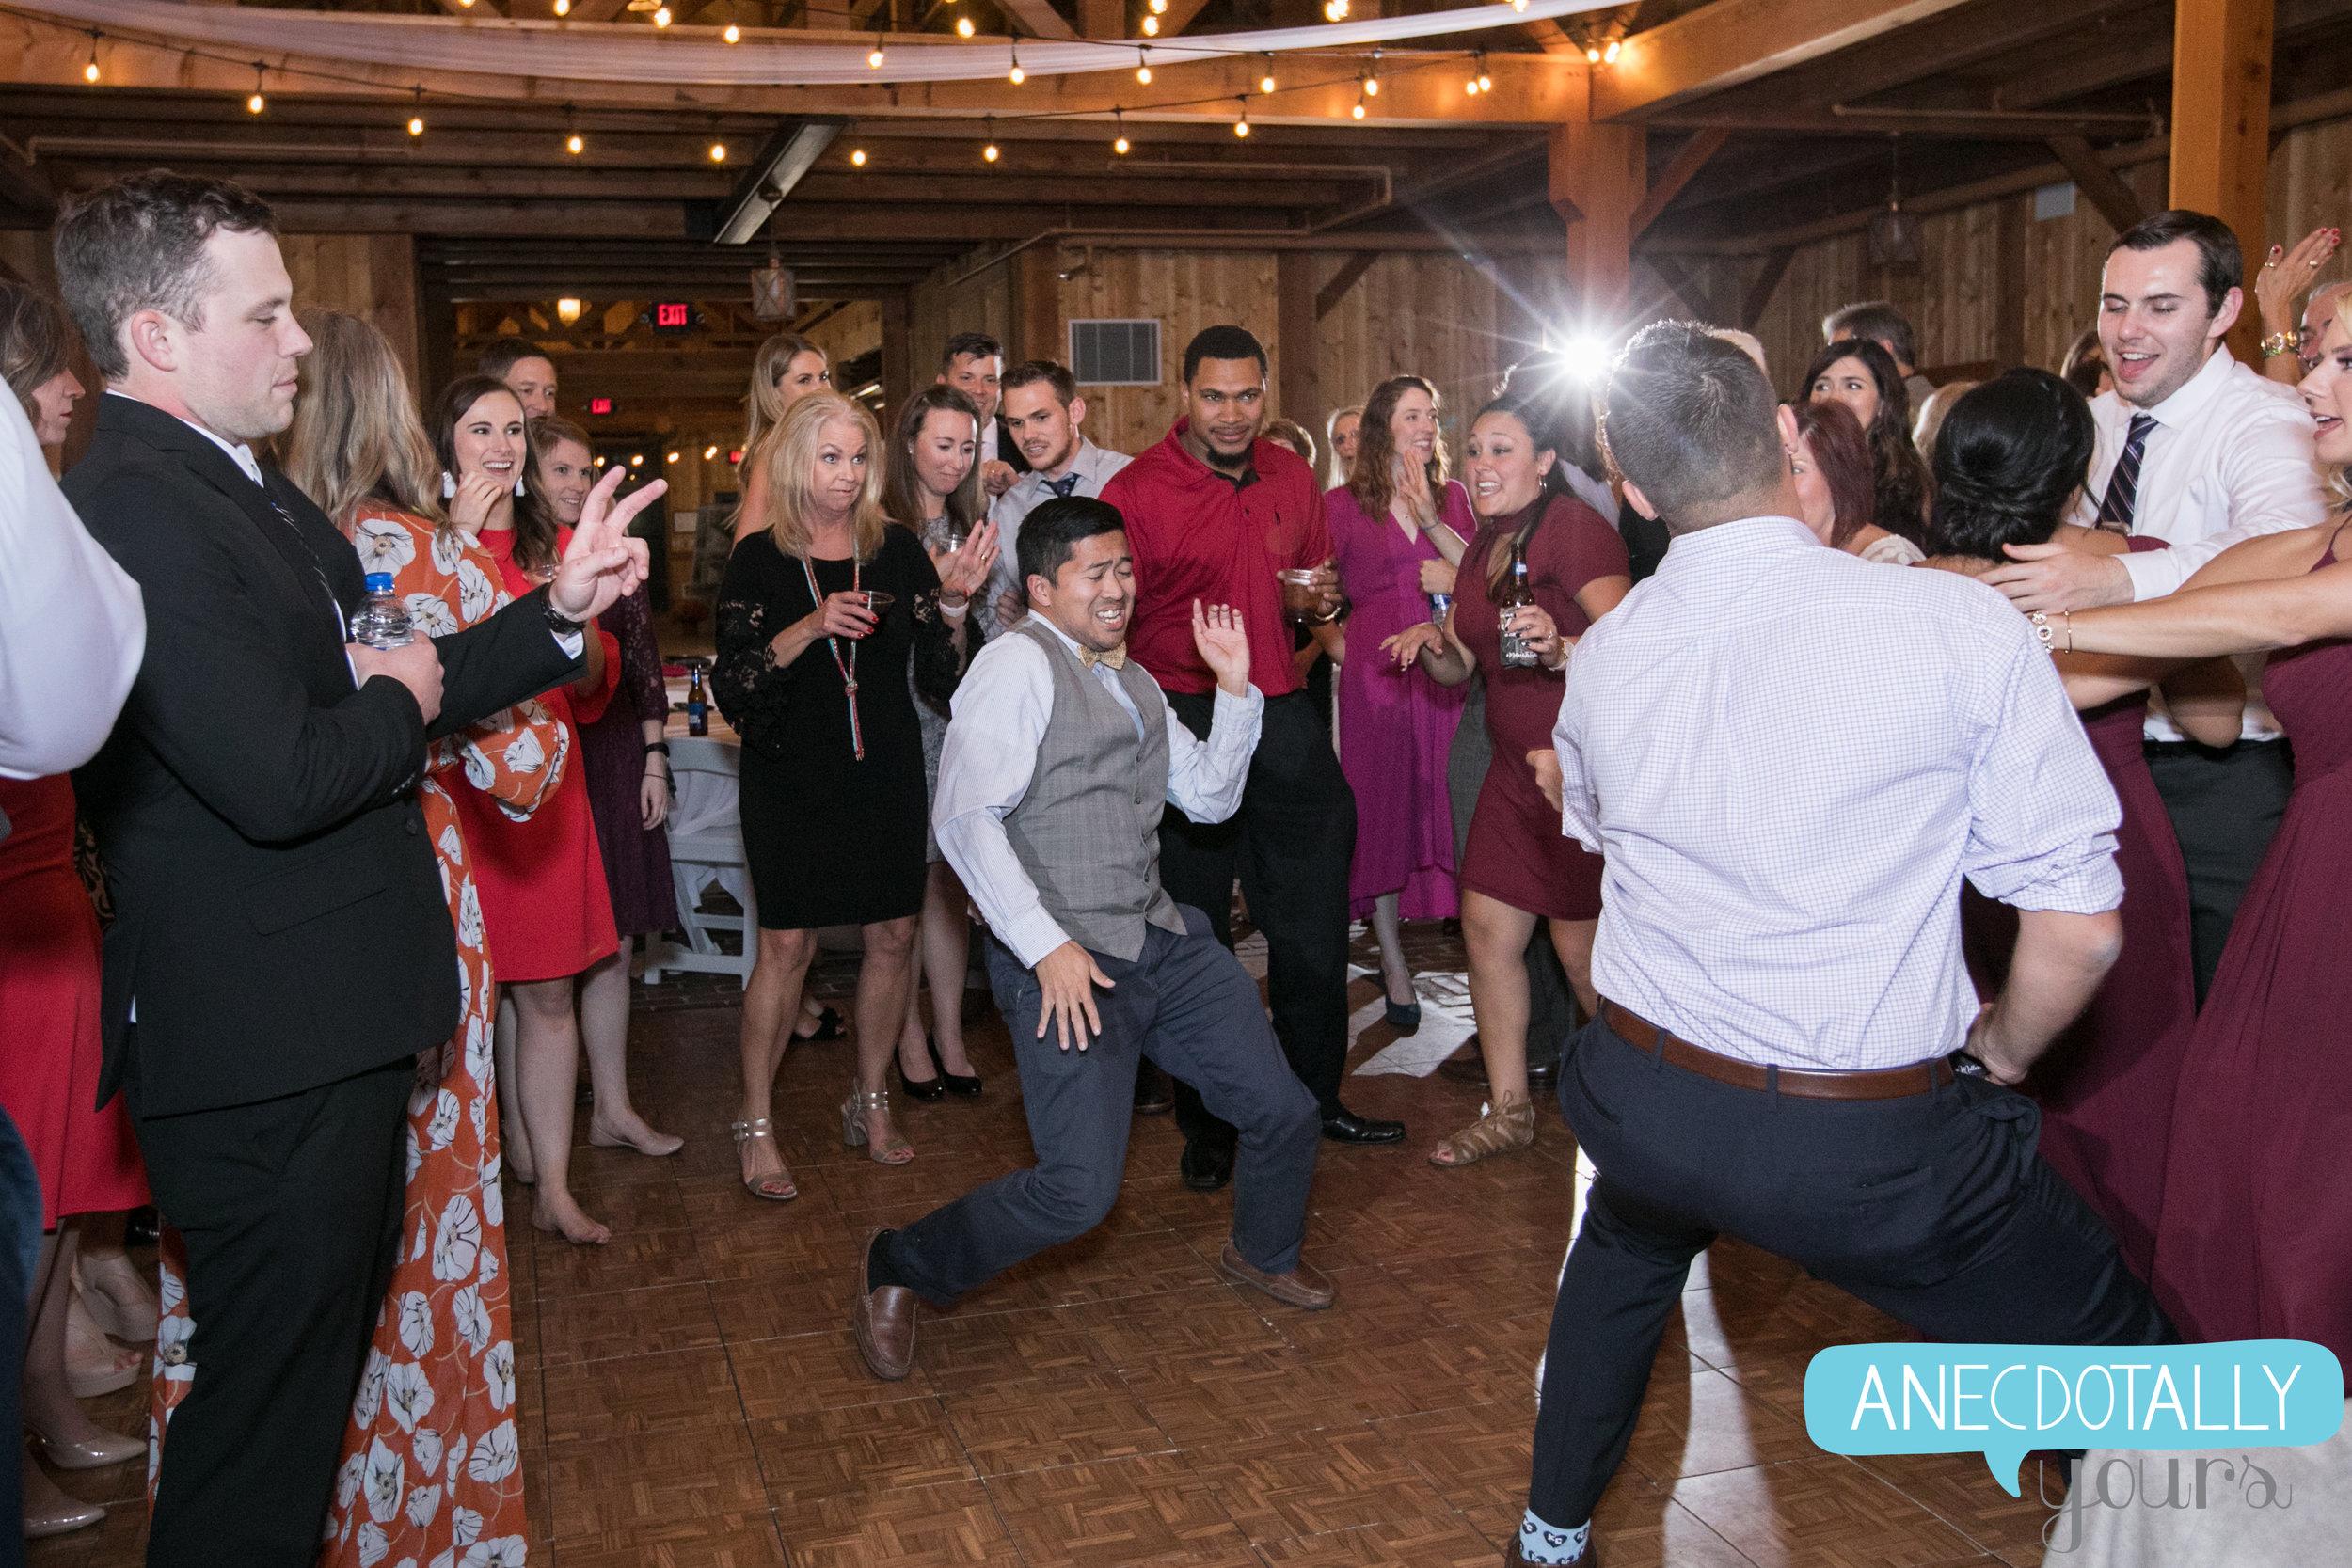 mildale-farm-wedding-170.jpg